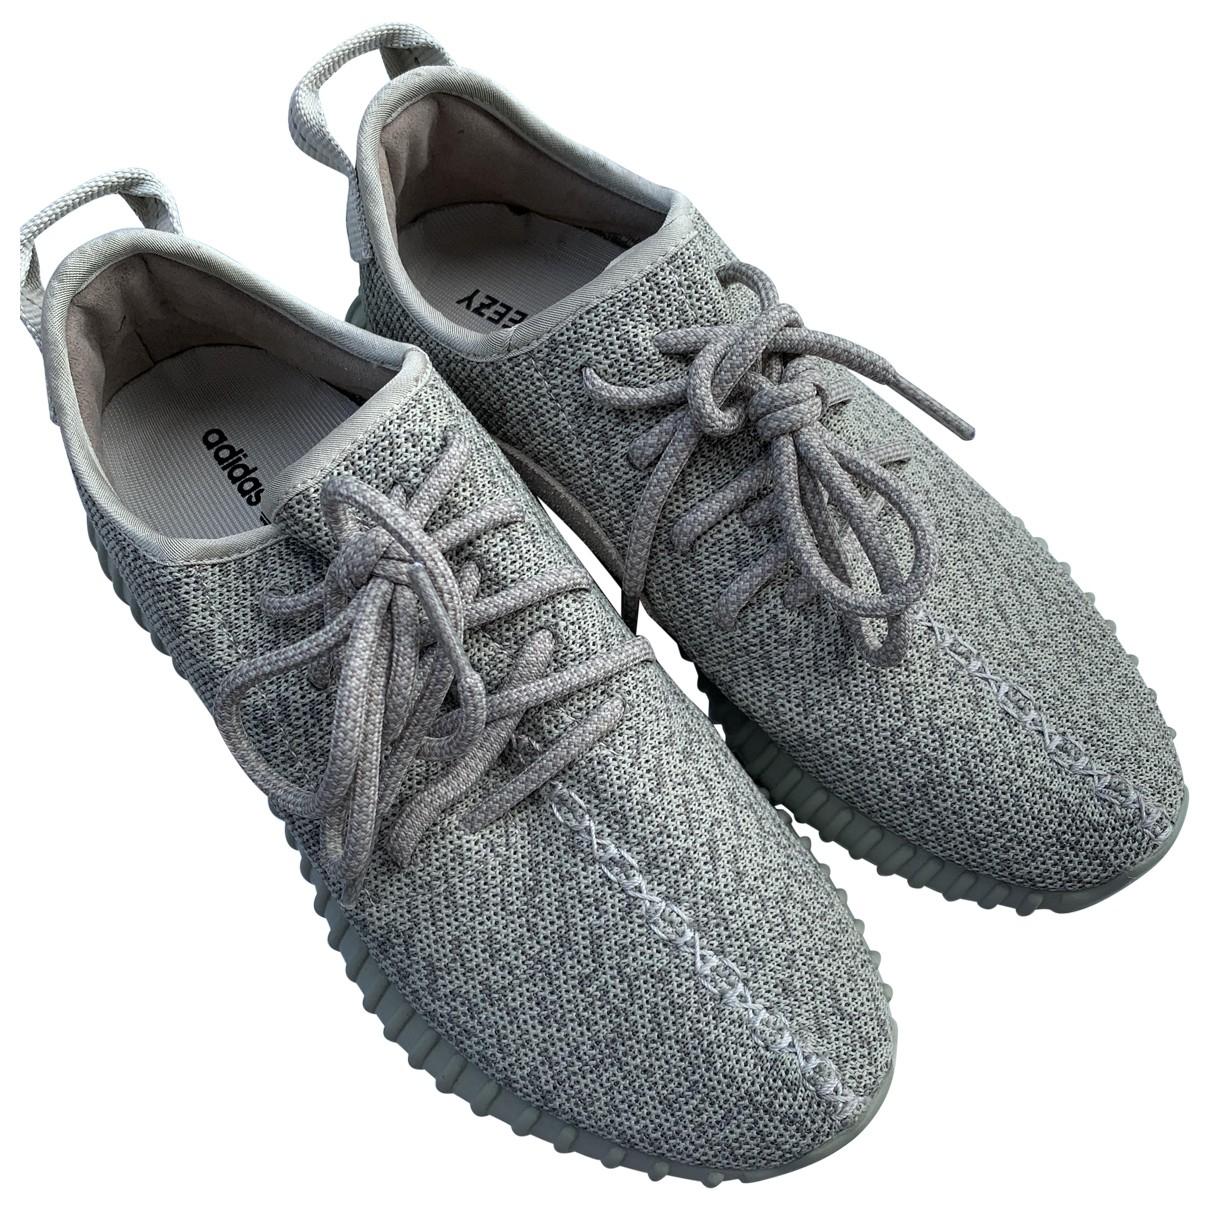 Yeezy X Adidas - Baskets   pour homme en toile - gris